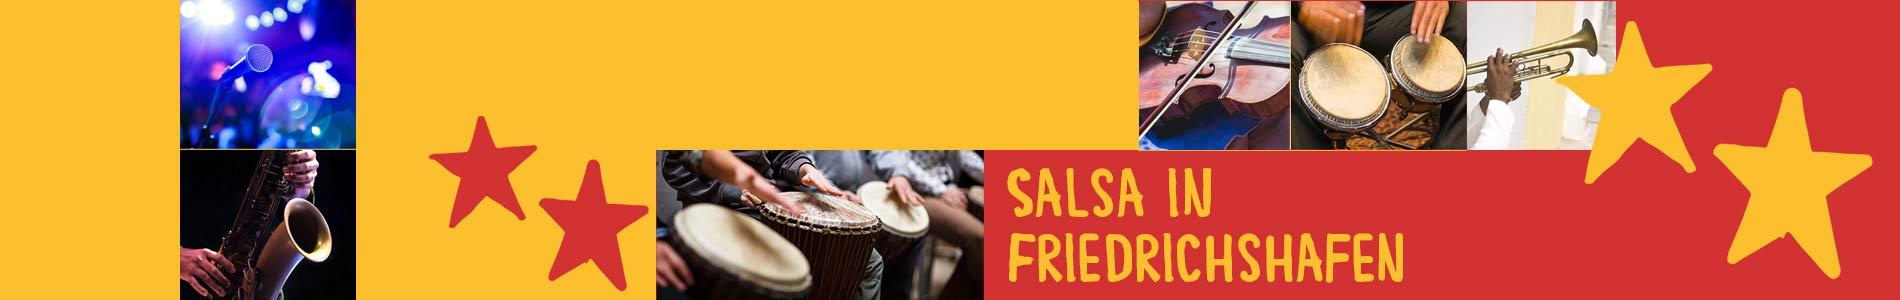 Salsa in Friedrichshafen – Salsa lernen und tanzen, Tanzkurse, Partys, Veranstaltungen